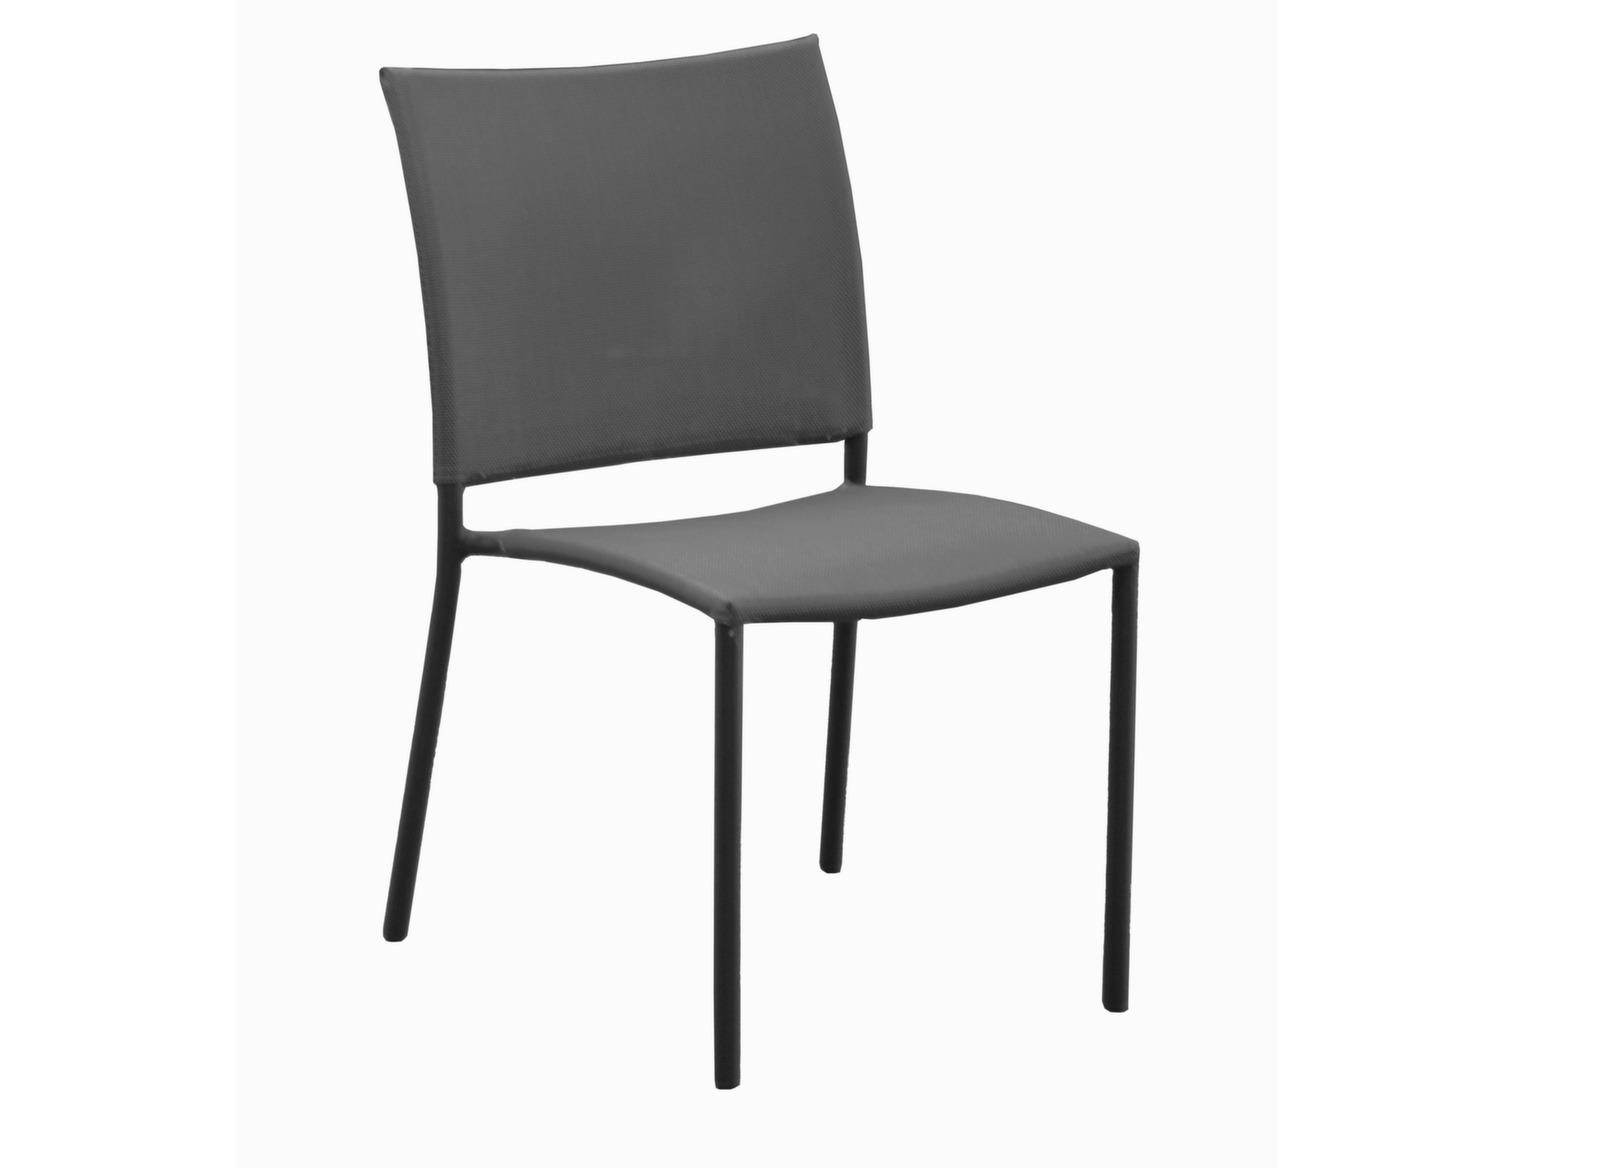 chaise de jardin pour enfant globe kids mobilier proloisirs. Black Bedroom Furniture Sets. Home Design Ideas